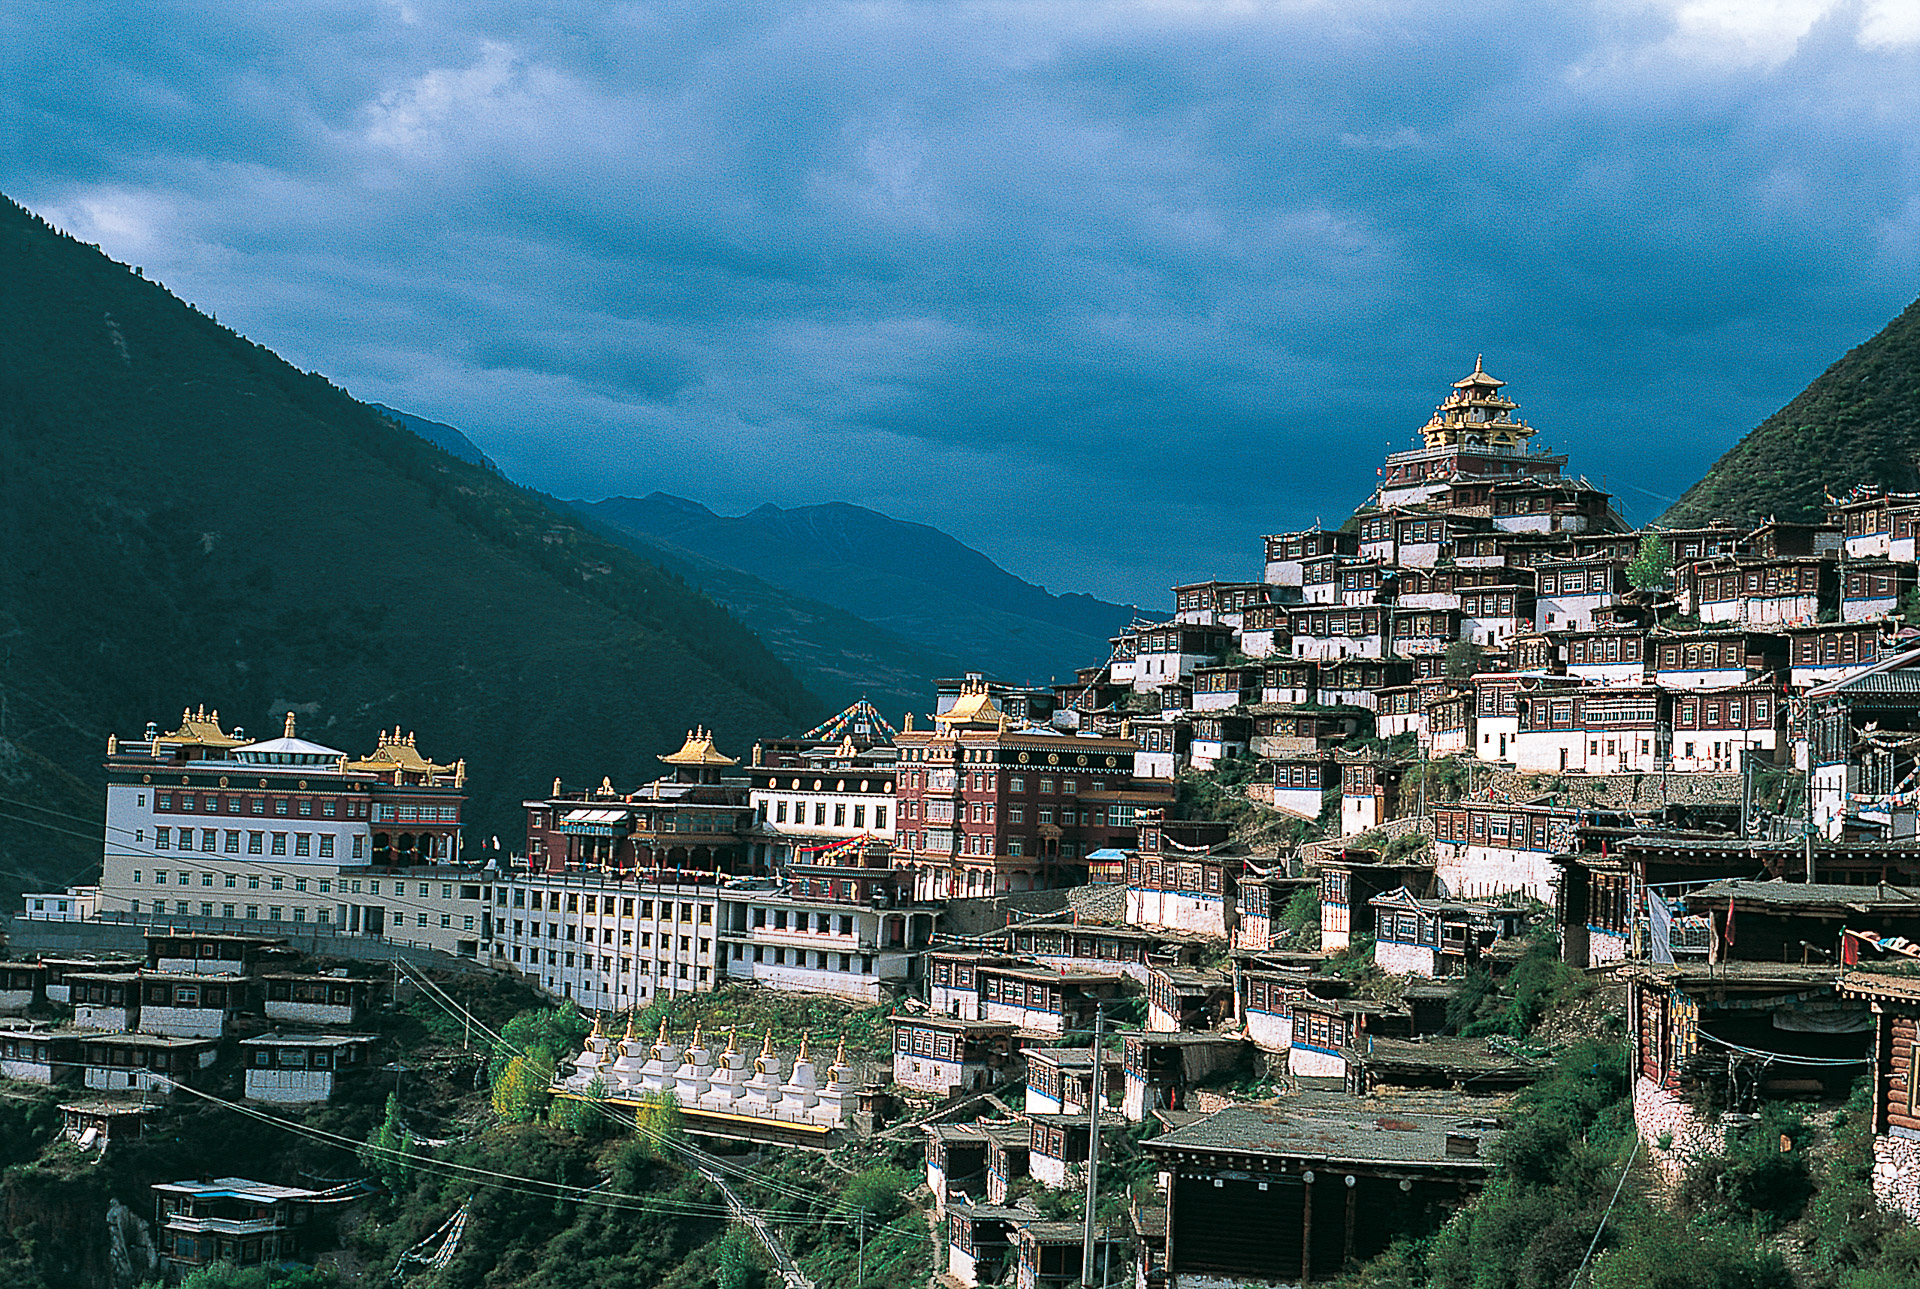 L'immense monastère de Pelyül, bastion de la tradition tibétaine